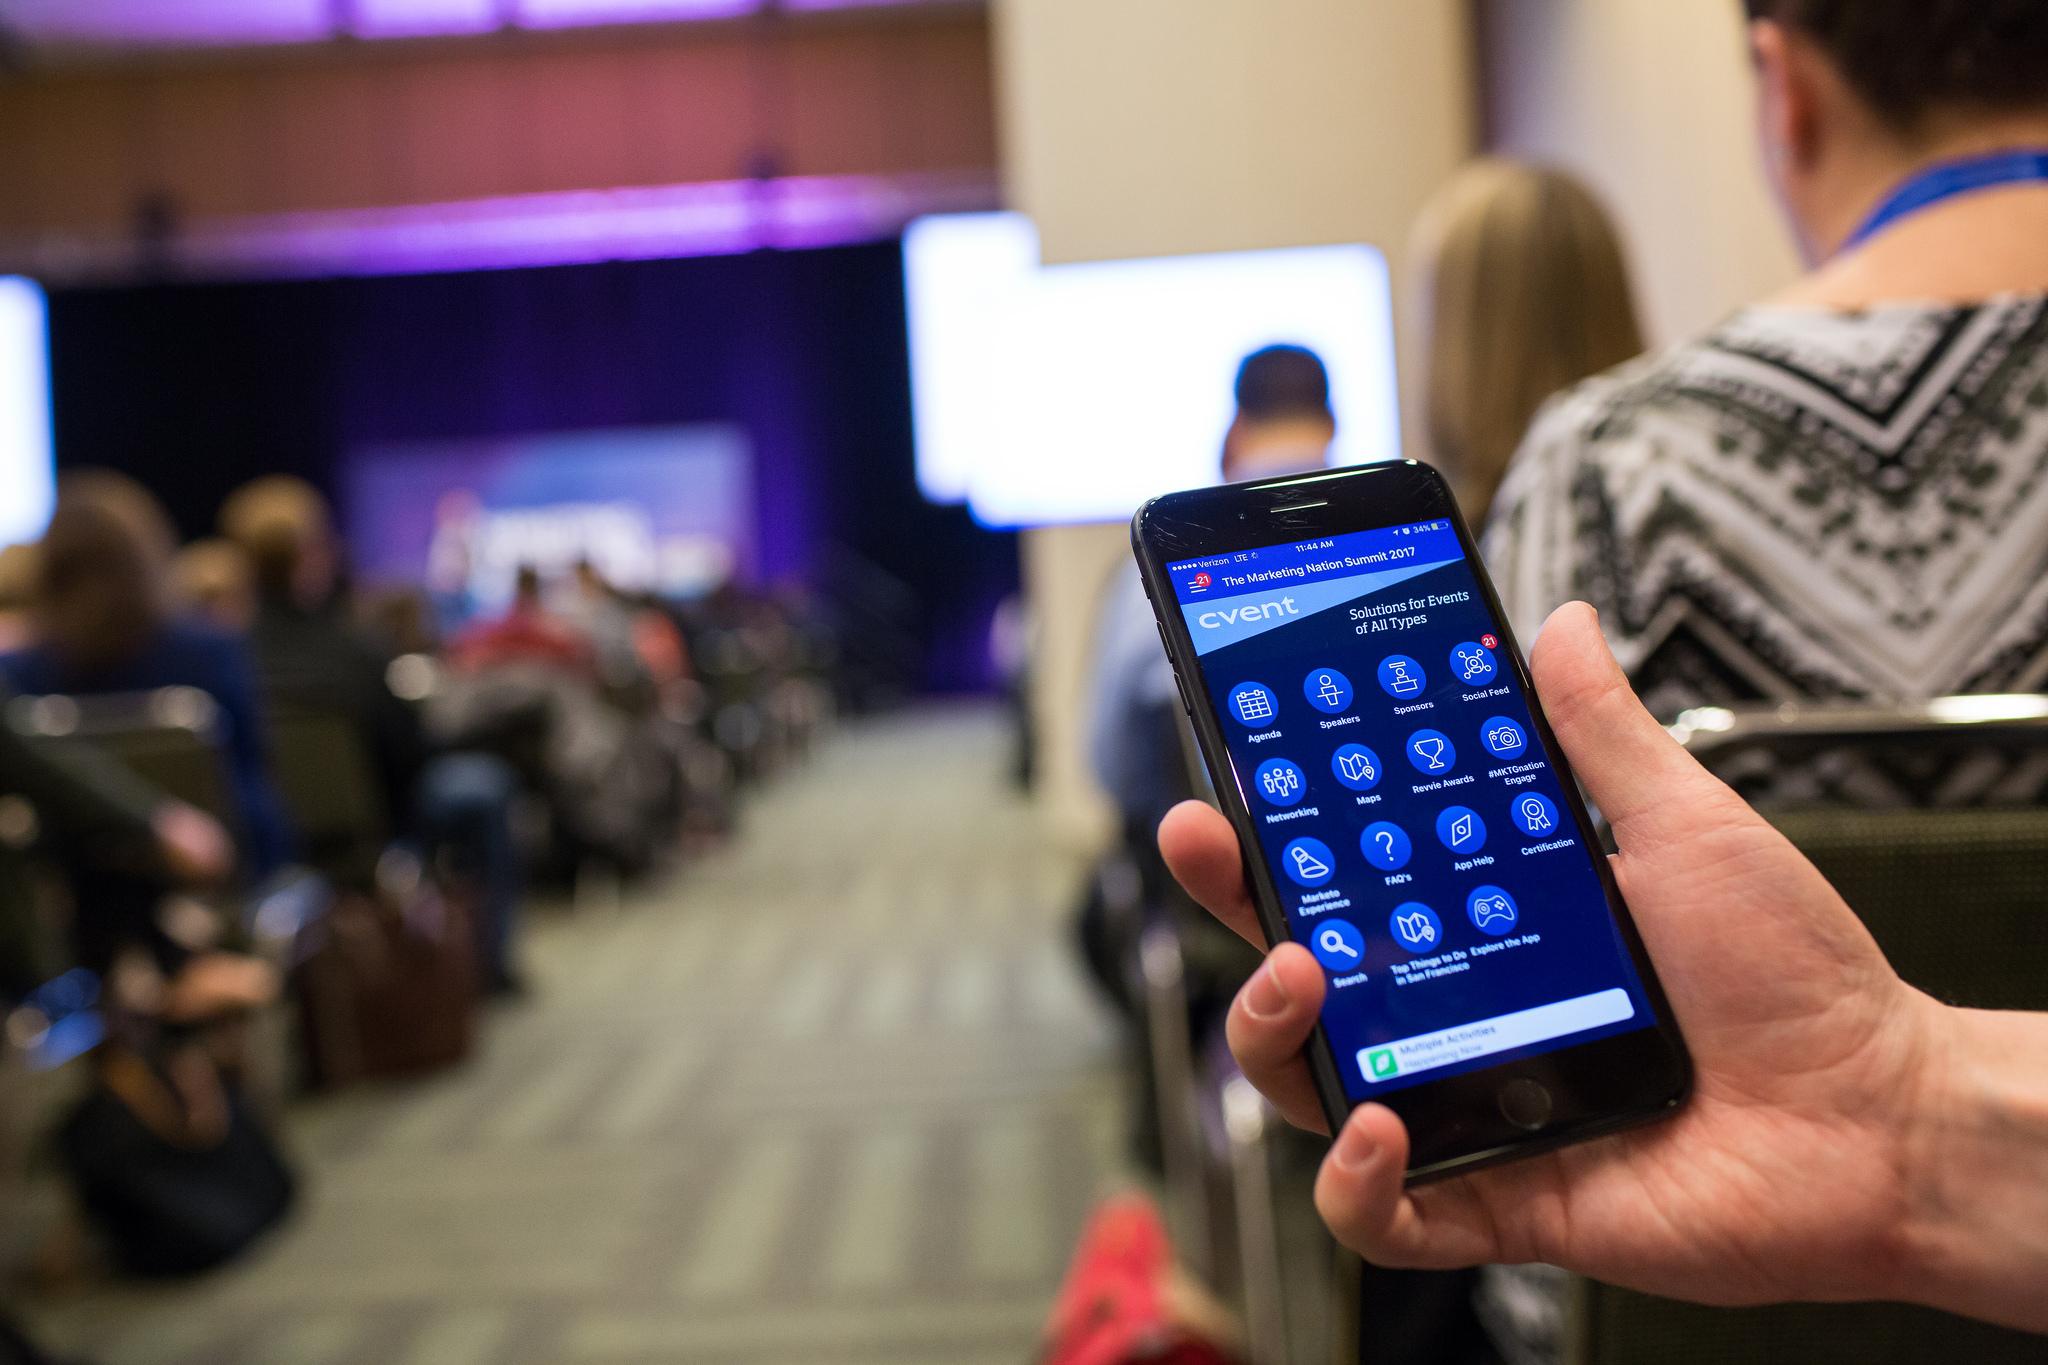 Cvent Demo - Cvent Mobile App by Crowd Compass